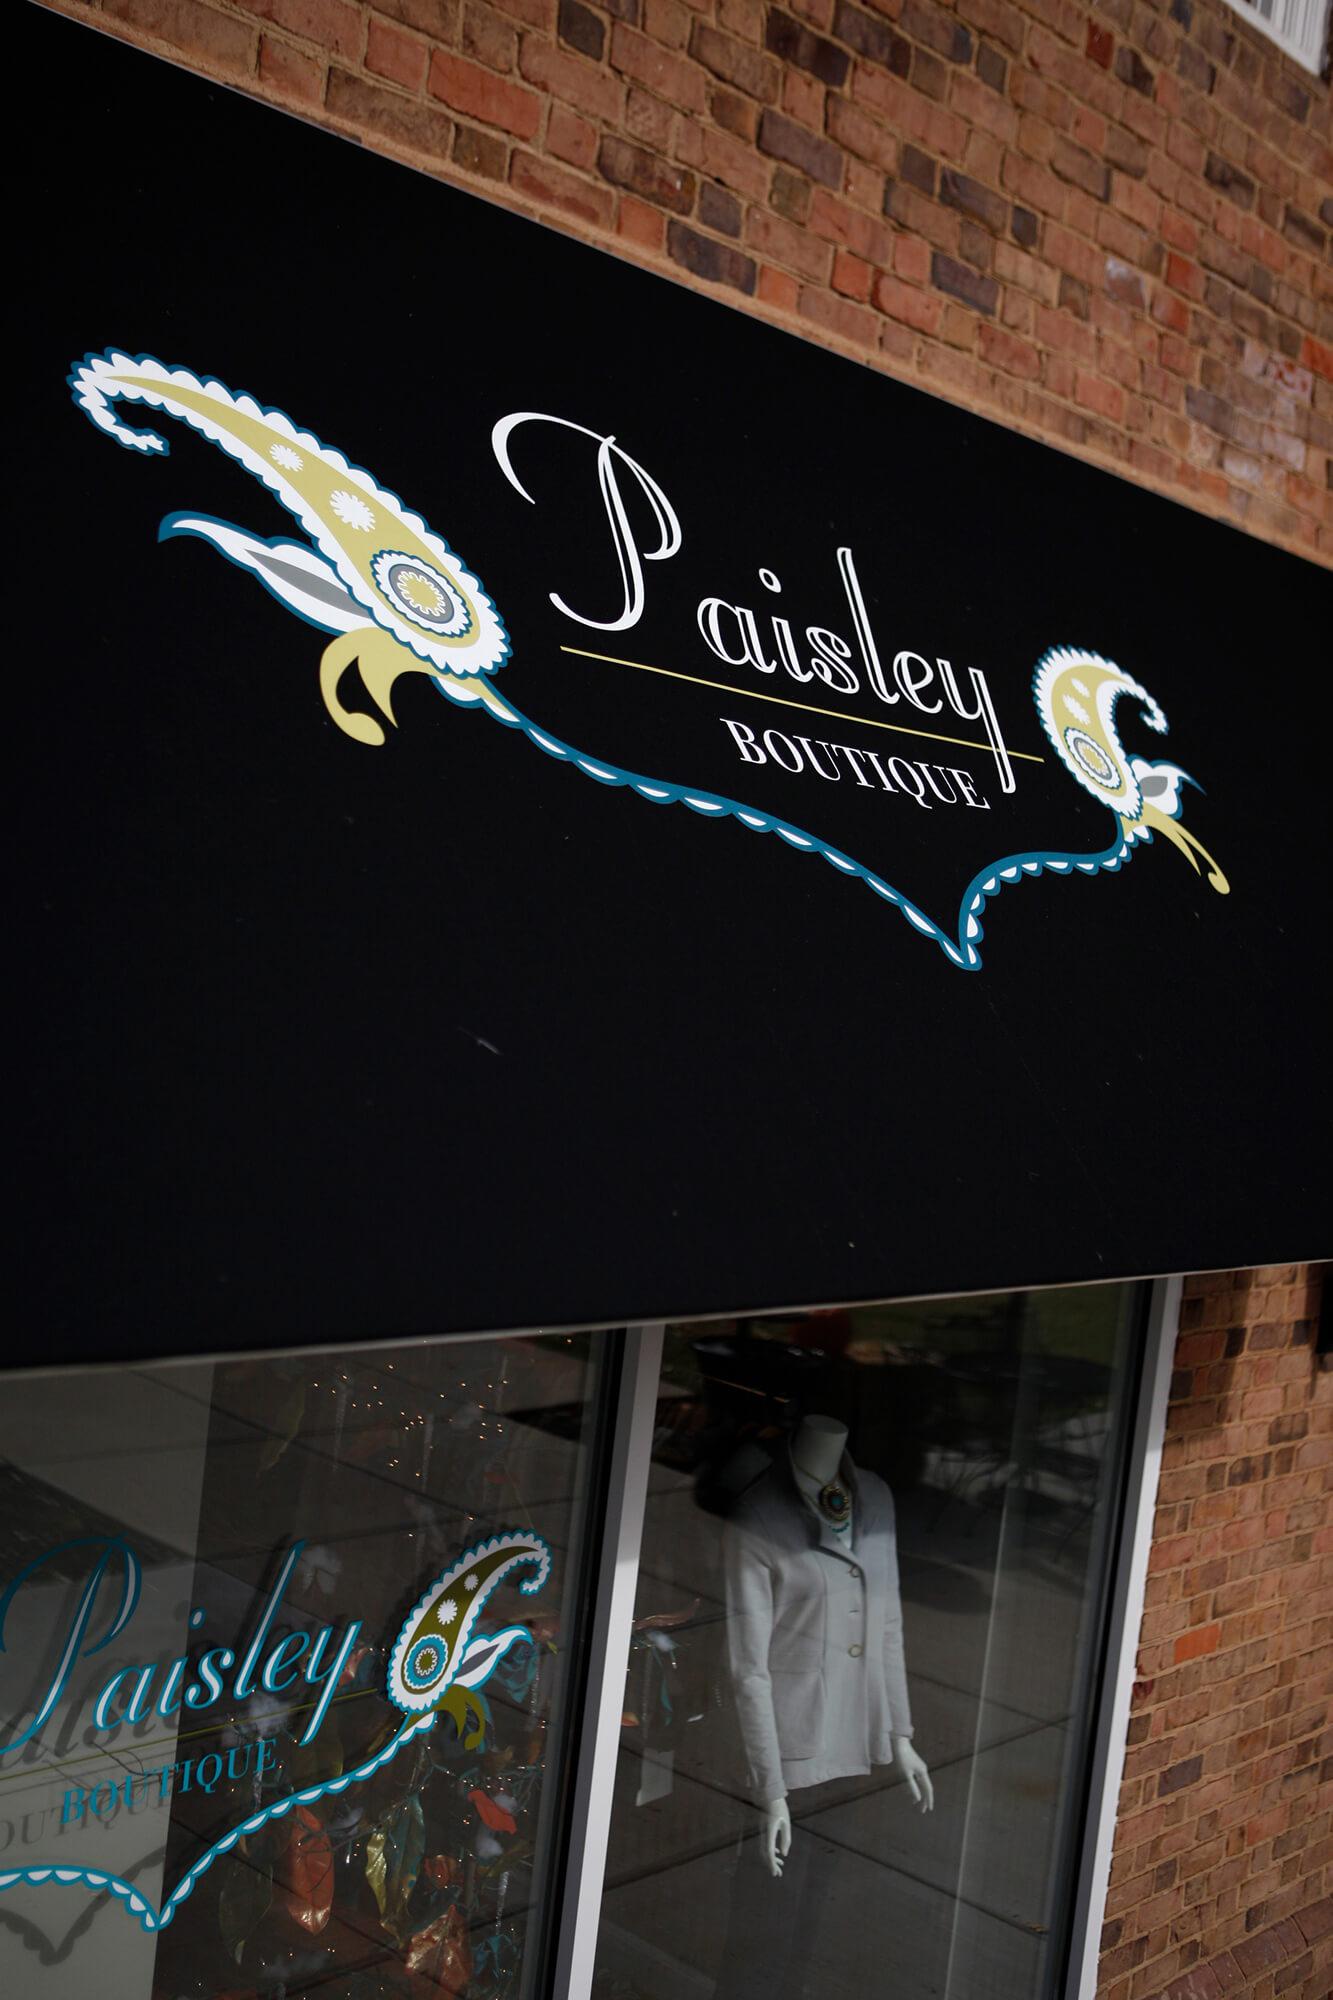 Una boutique promueve su marca en su escaparate con un toldo negro y letreros